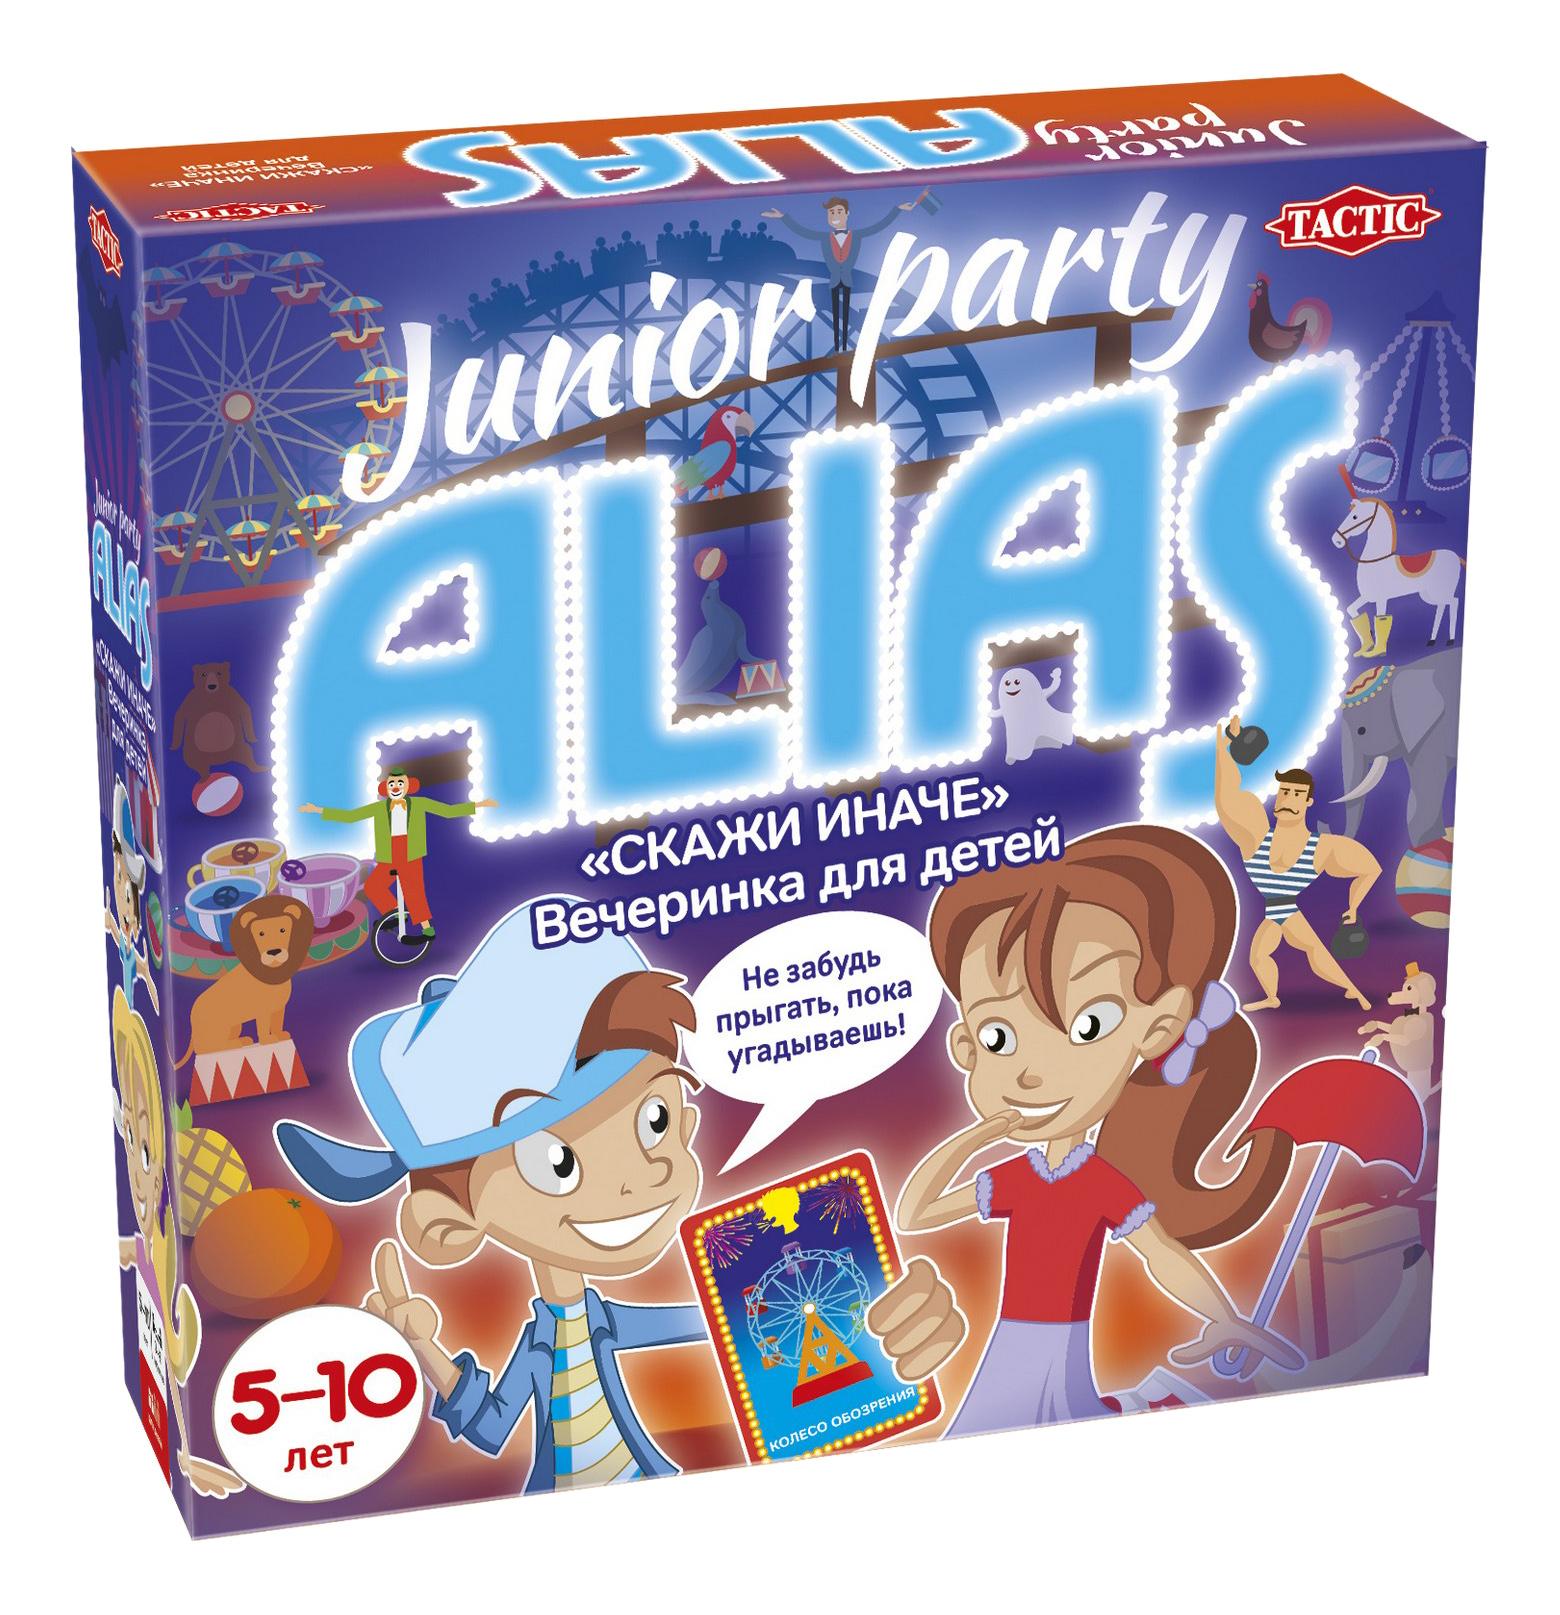 Семейная настольная игра Tactic games Alias Скажи иначе Вечеринка для детей